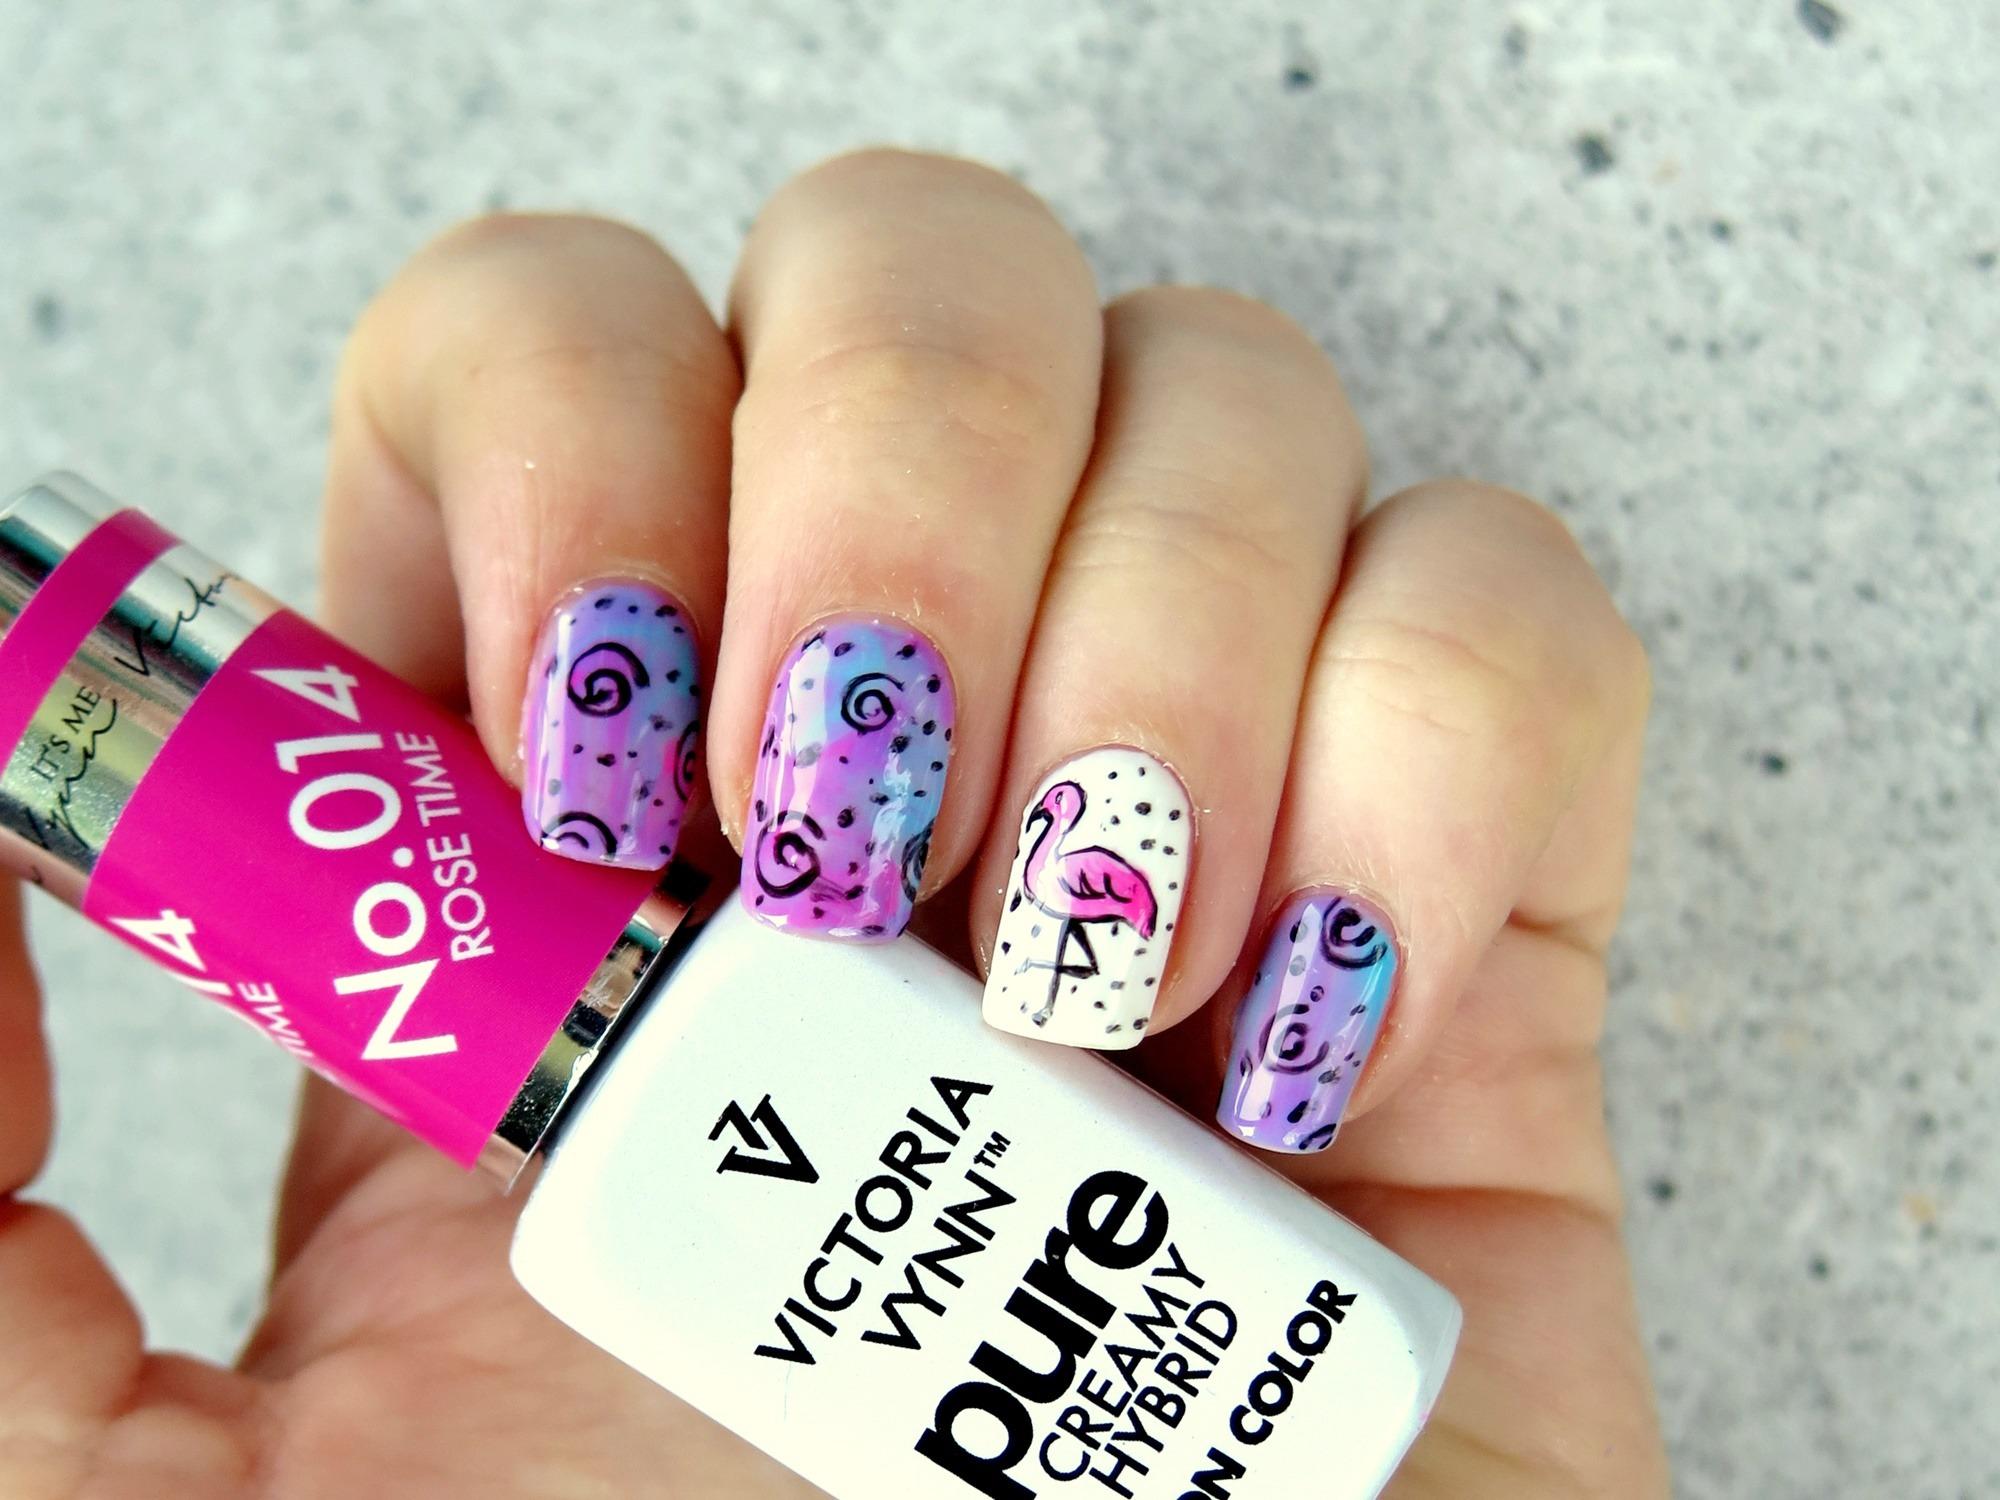 zdobienie paznokci różowe fioletowe flaming ręcznie malowane